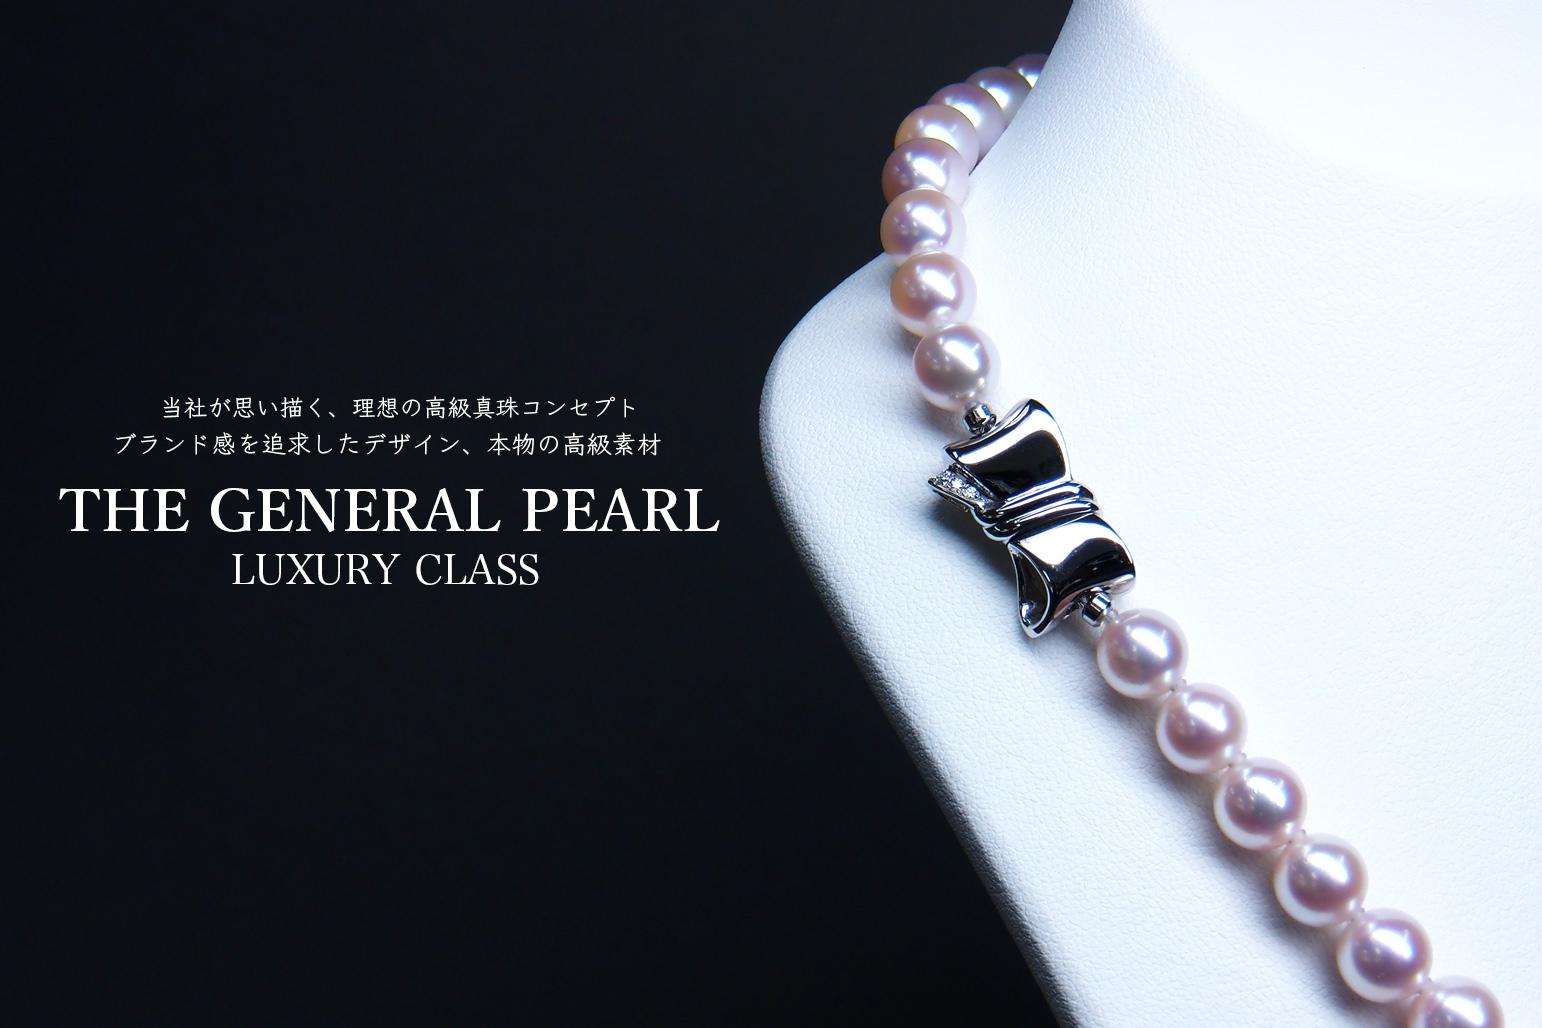 《真珠大卸からの直販》■THE GENERAL PEARL ラグジュアリークラス■越物オーロラ花珠真珠ネックレス 8.0-8.5mm【送料無料】